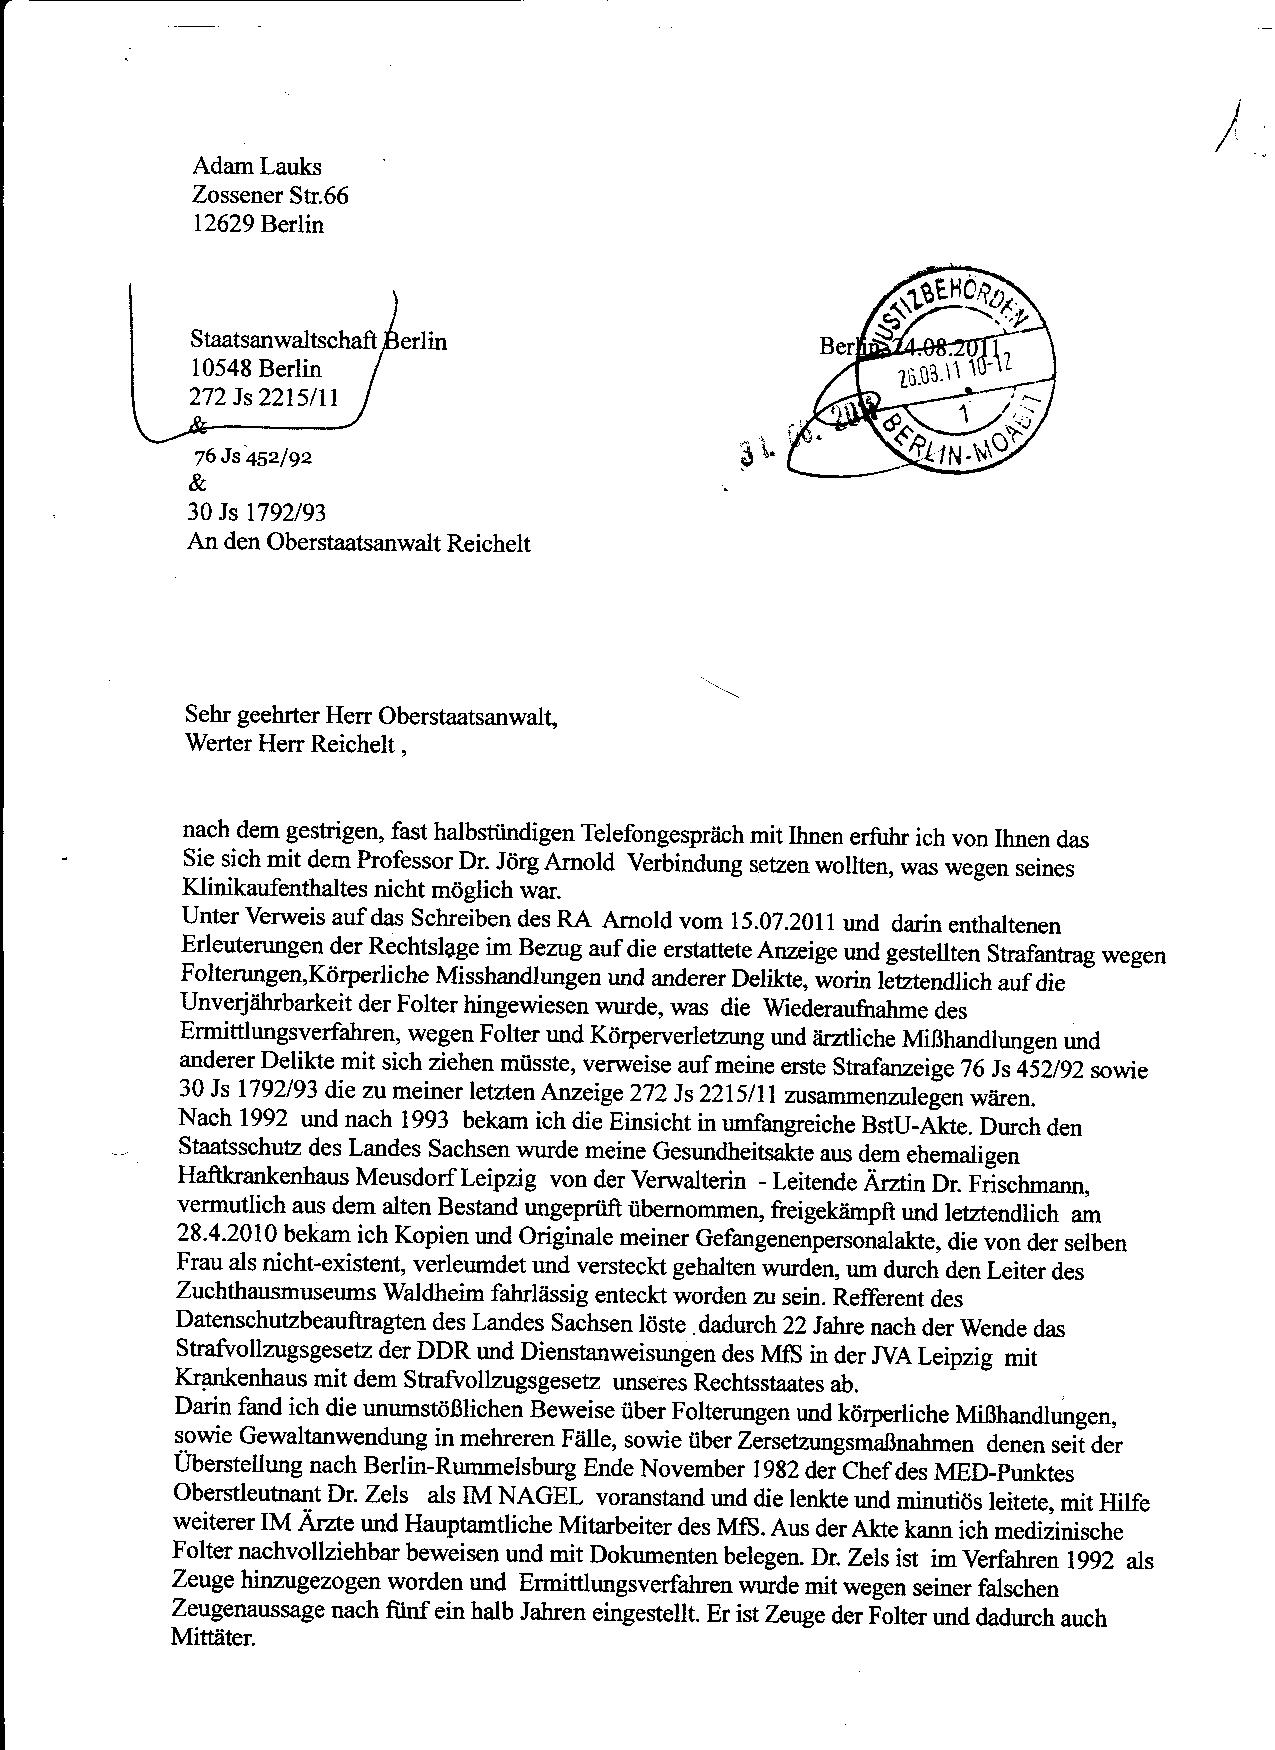 Ermittlungsverfahren auf Strafantrag wg. Folter 272 Js 2215 -11 019